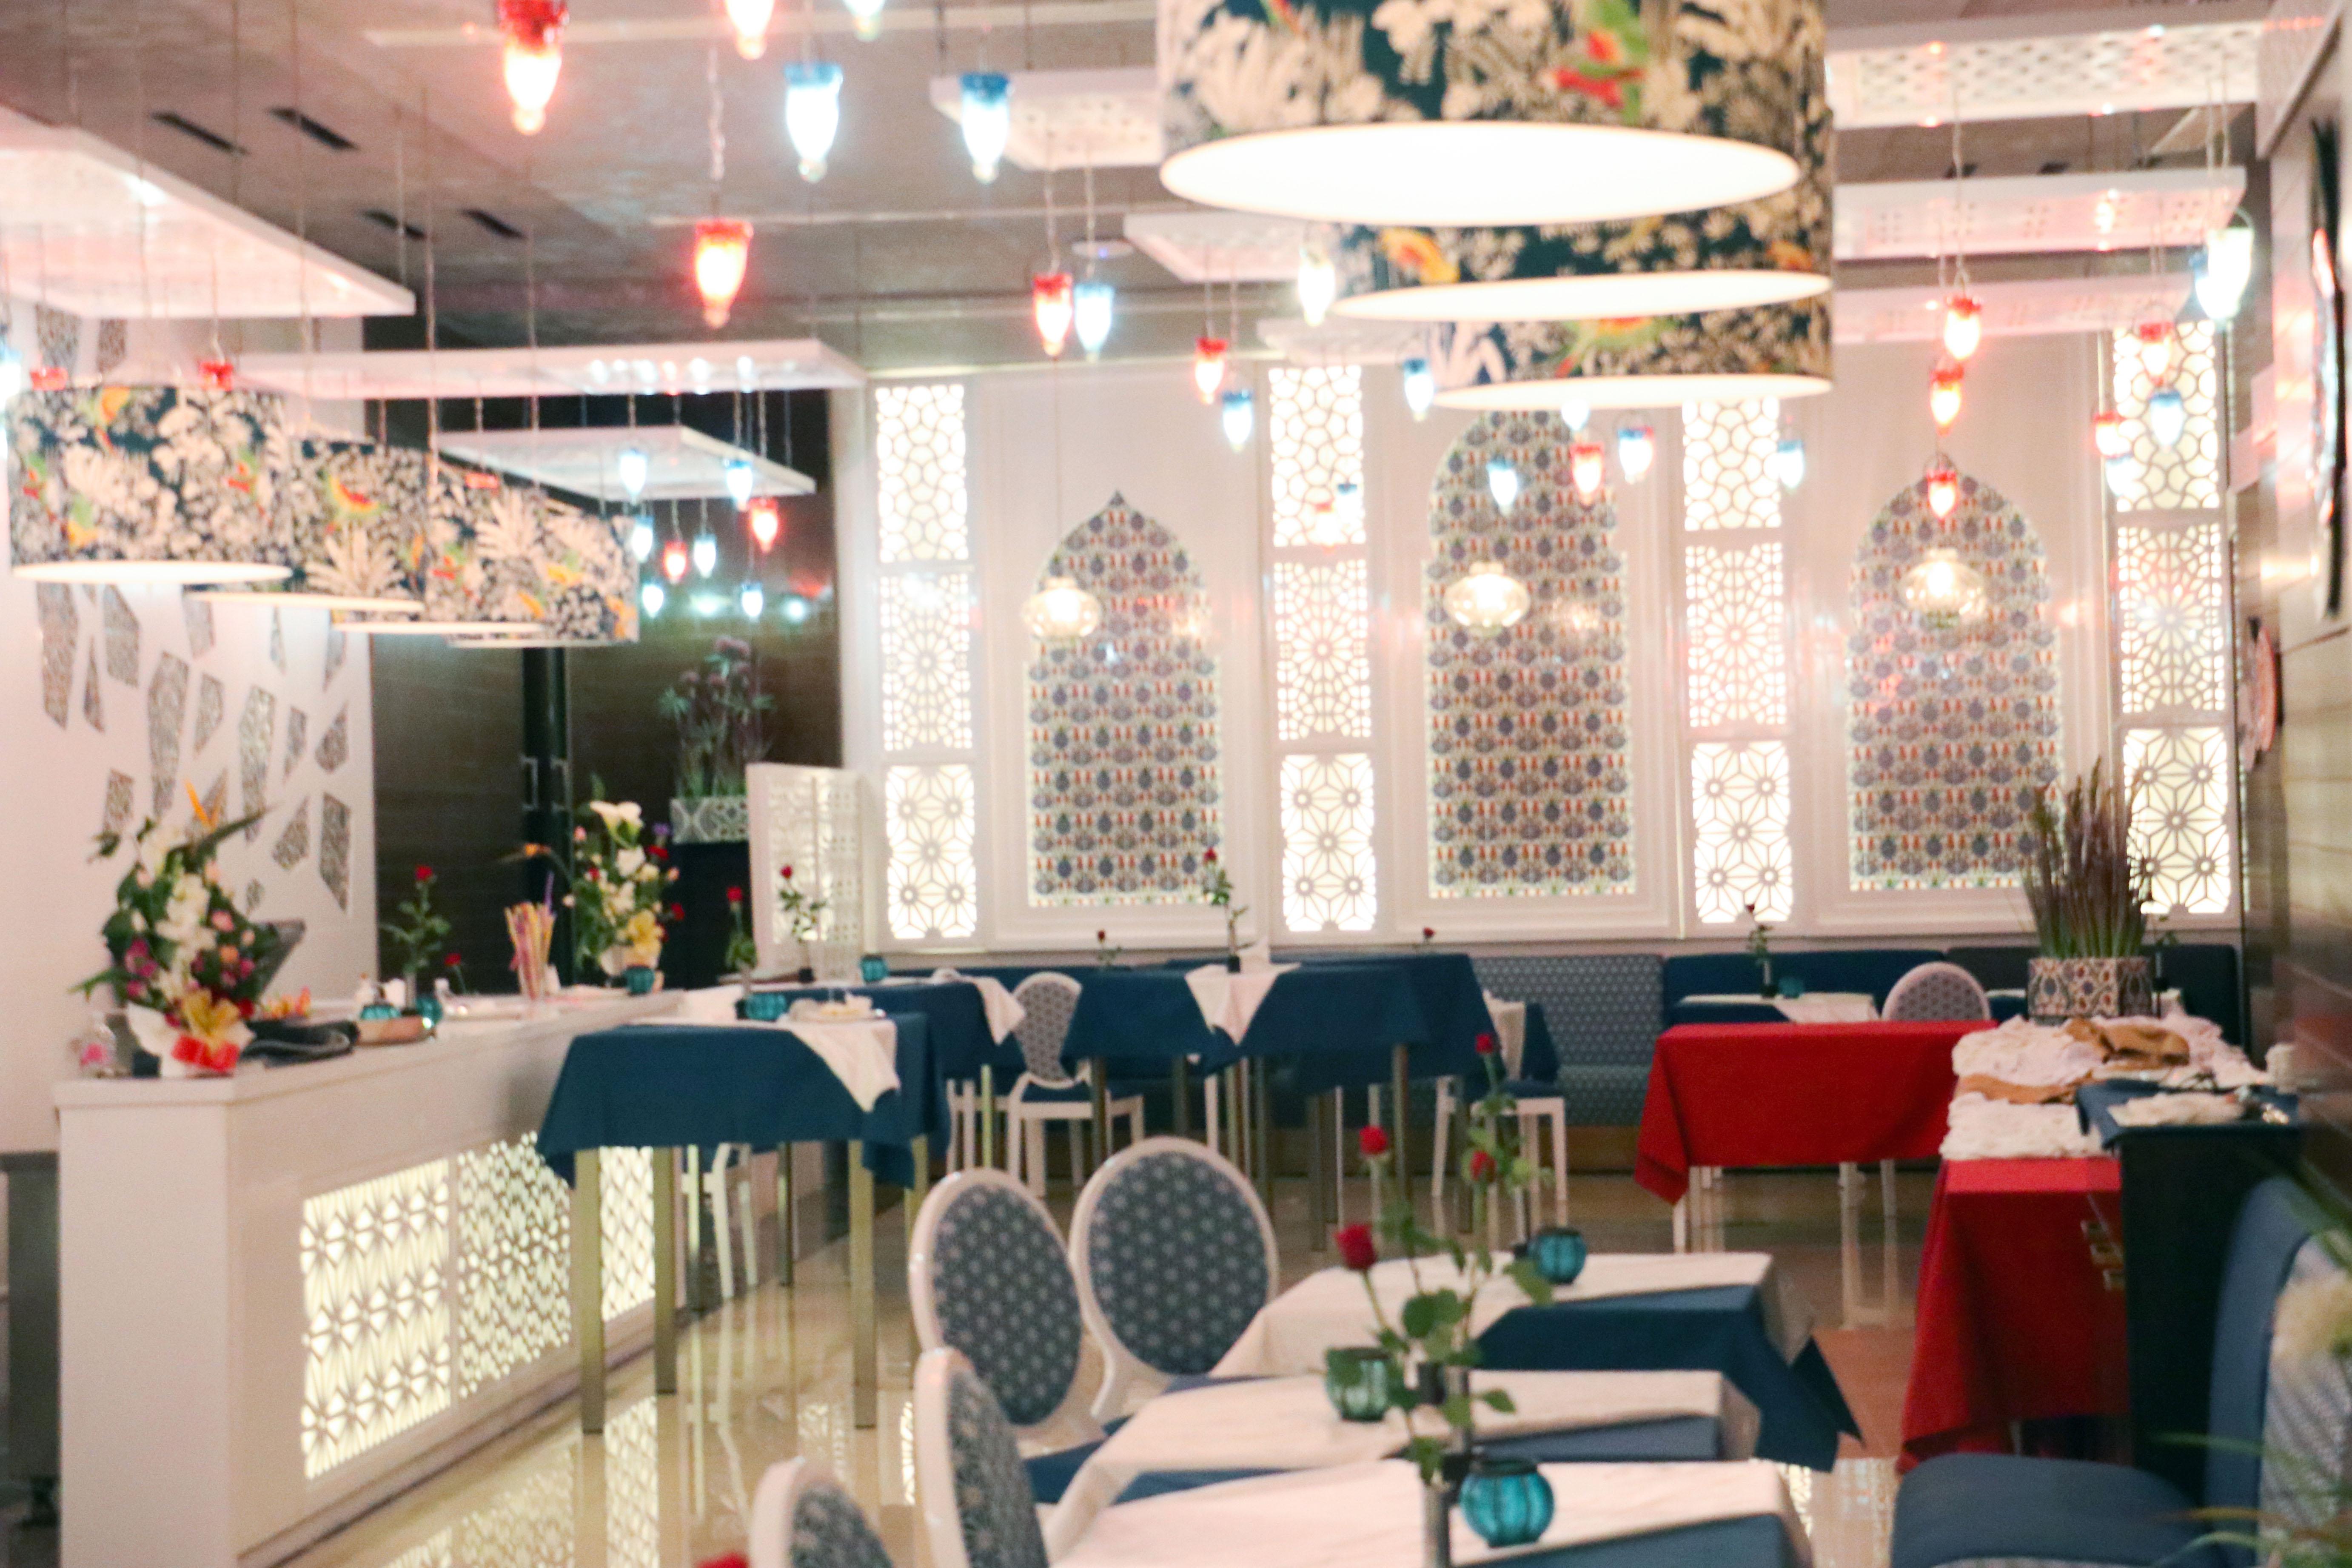 Restaurant-ELHARAMLEK-160419-22.jpg